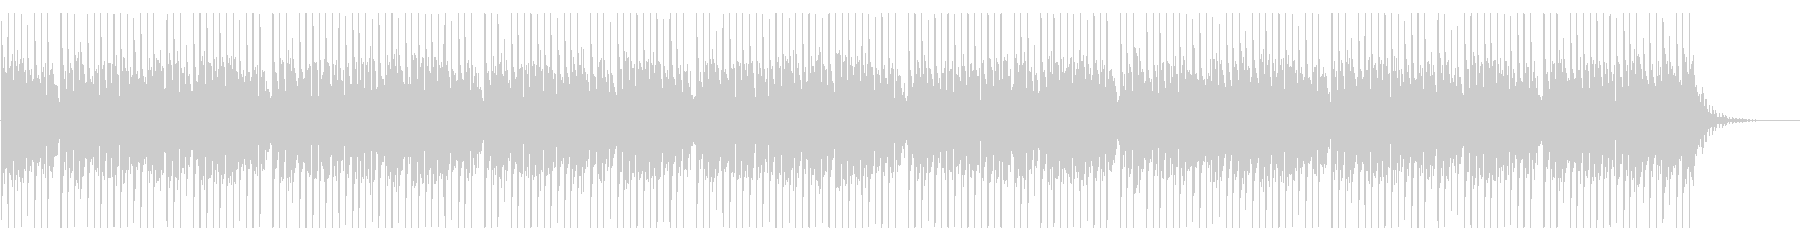 怒れる壮大なドラムソロの未再生の波形